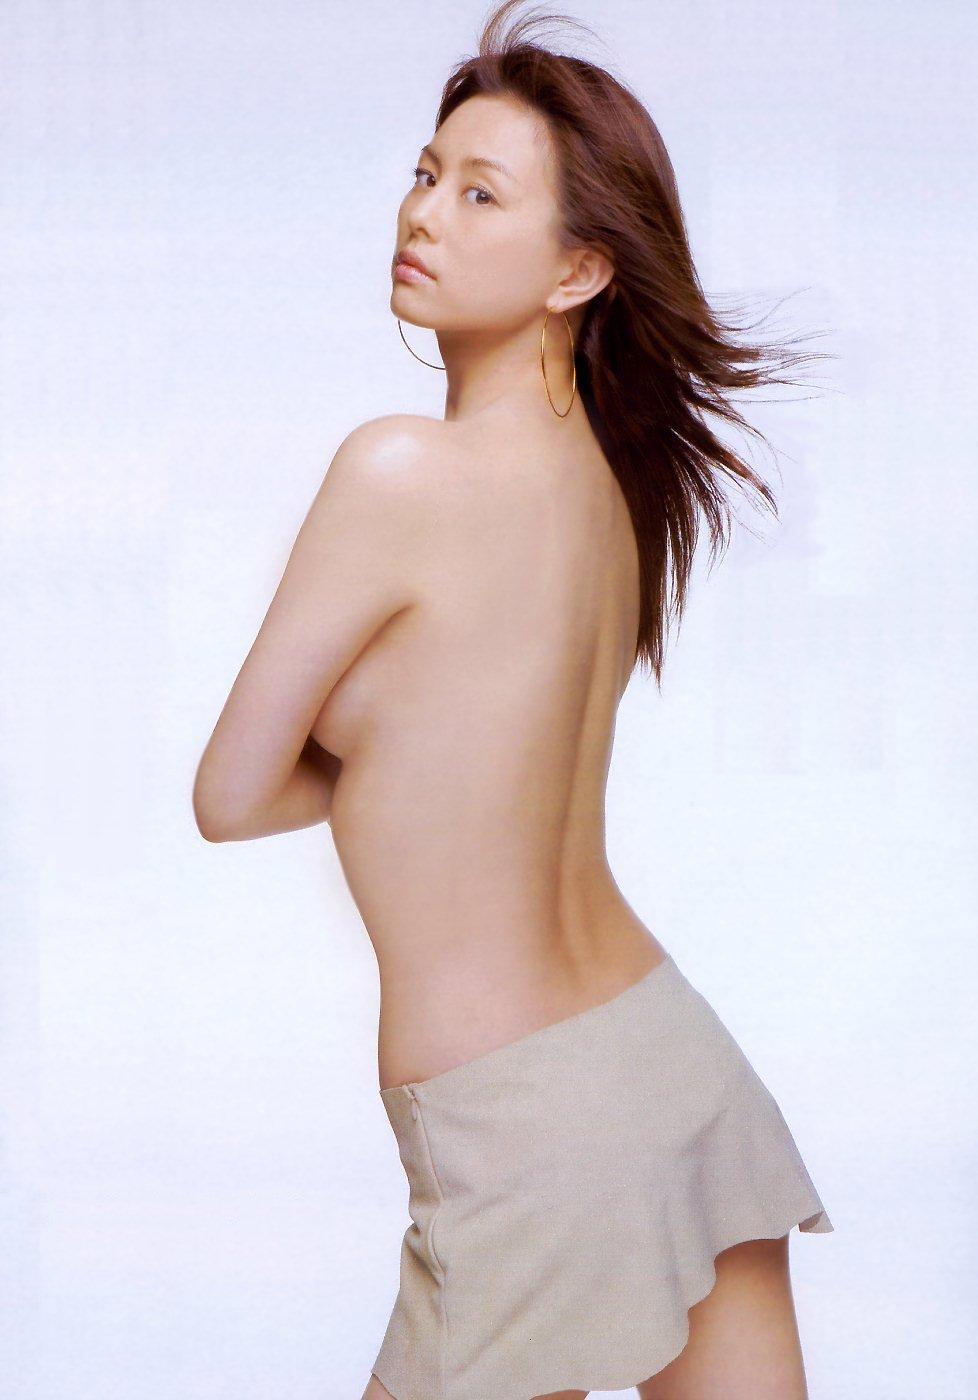 乳頭隠して乳房は出しちゃうアイドルたち (4)